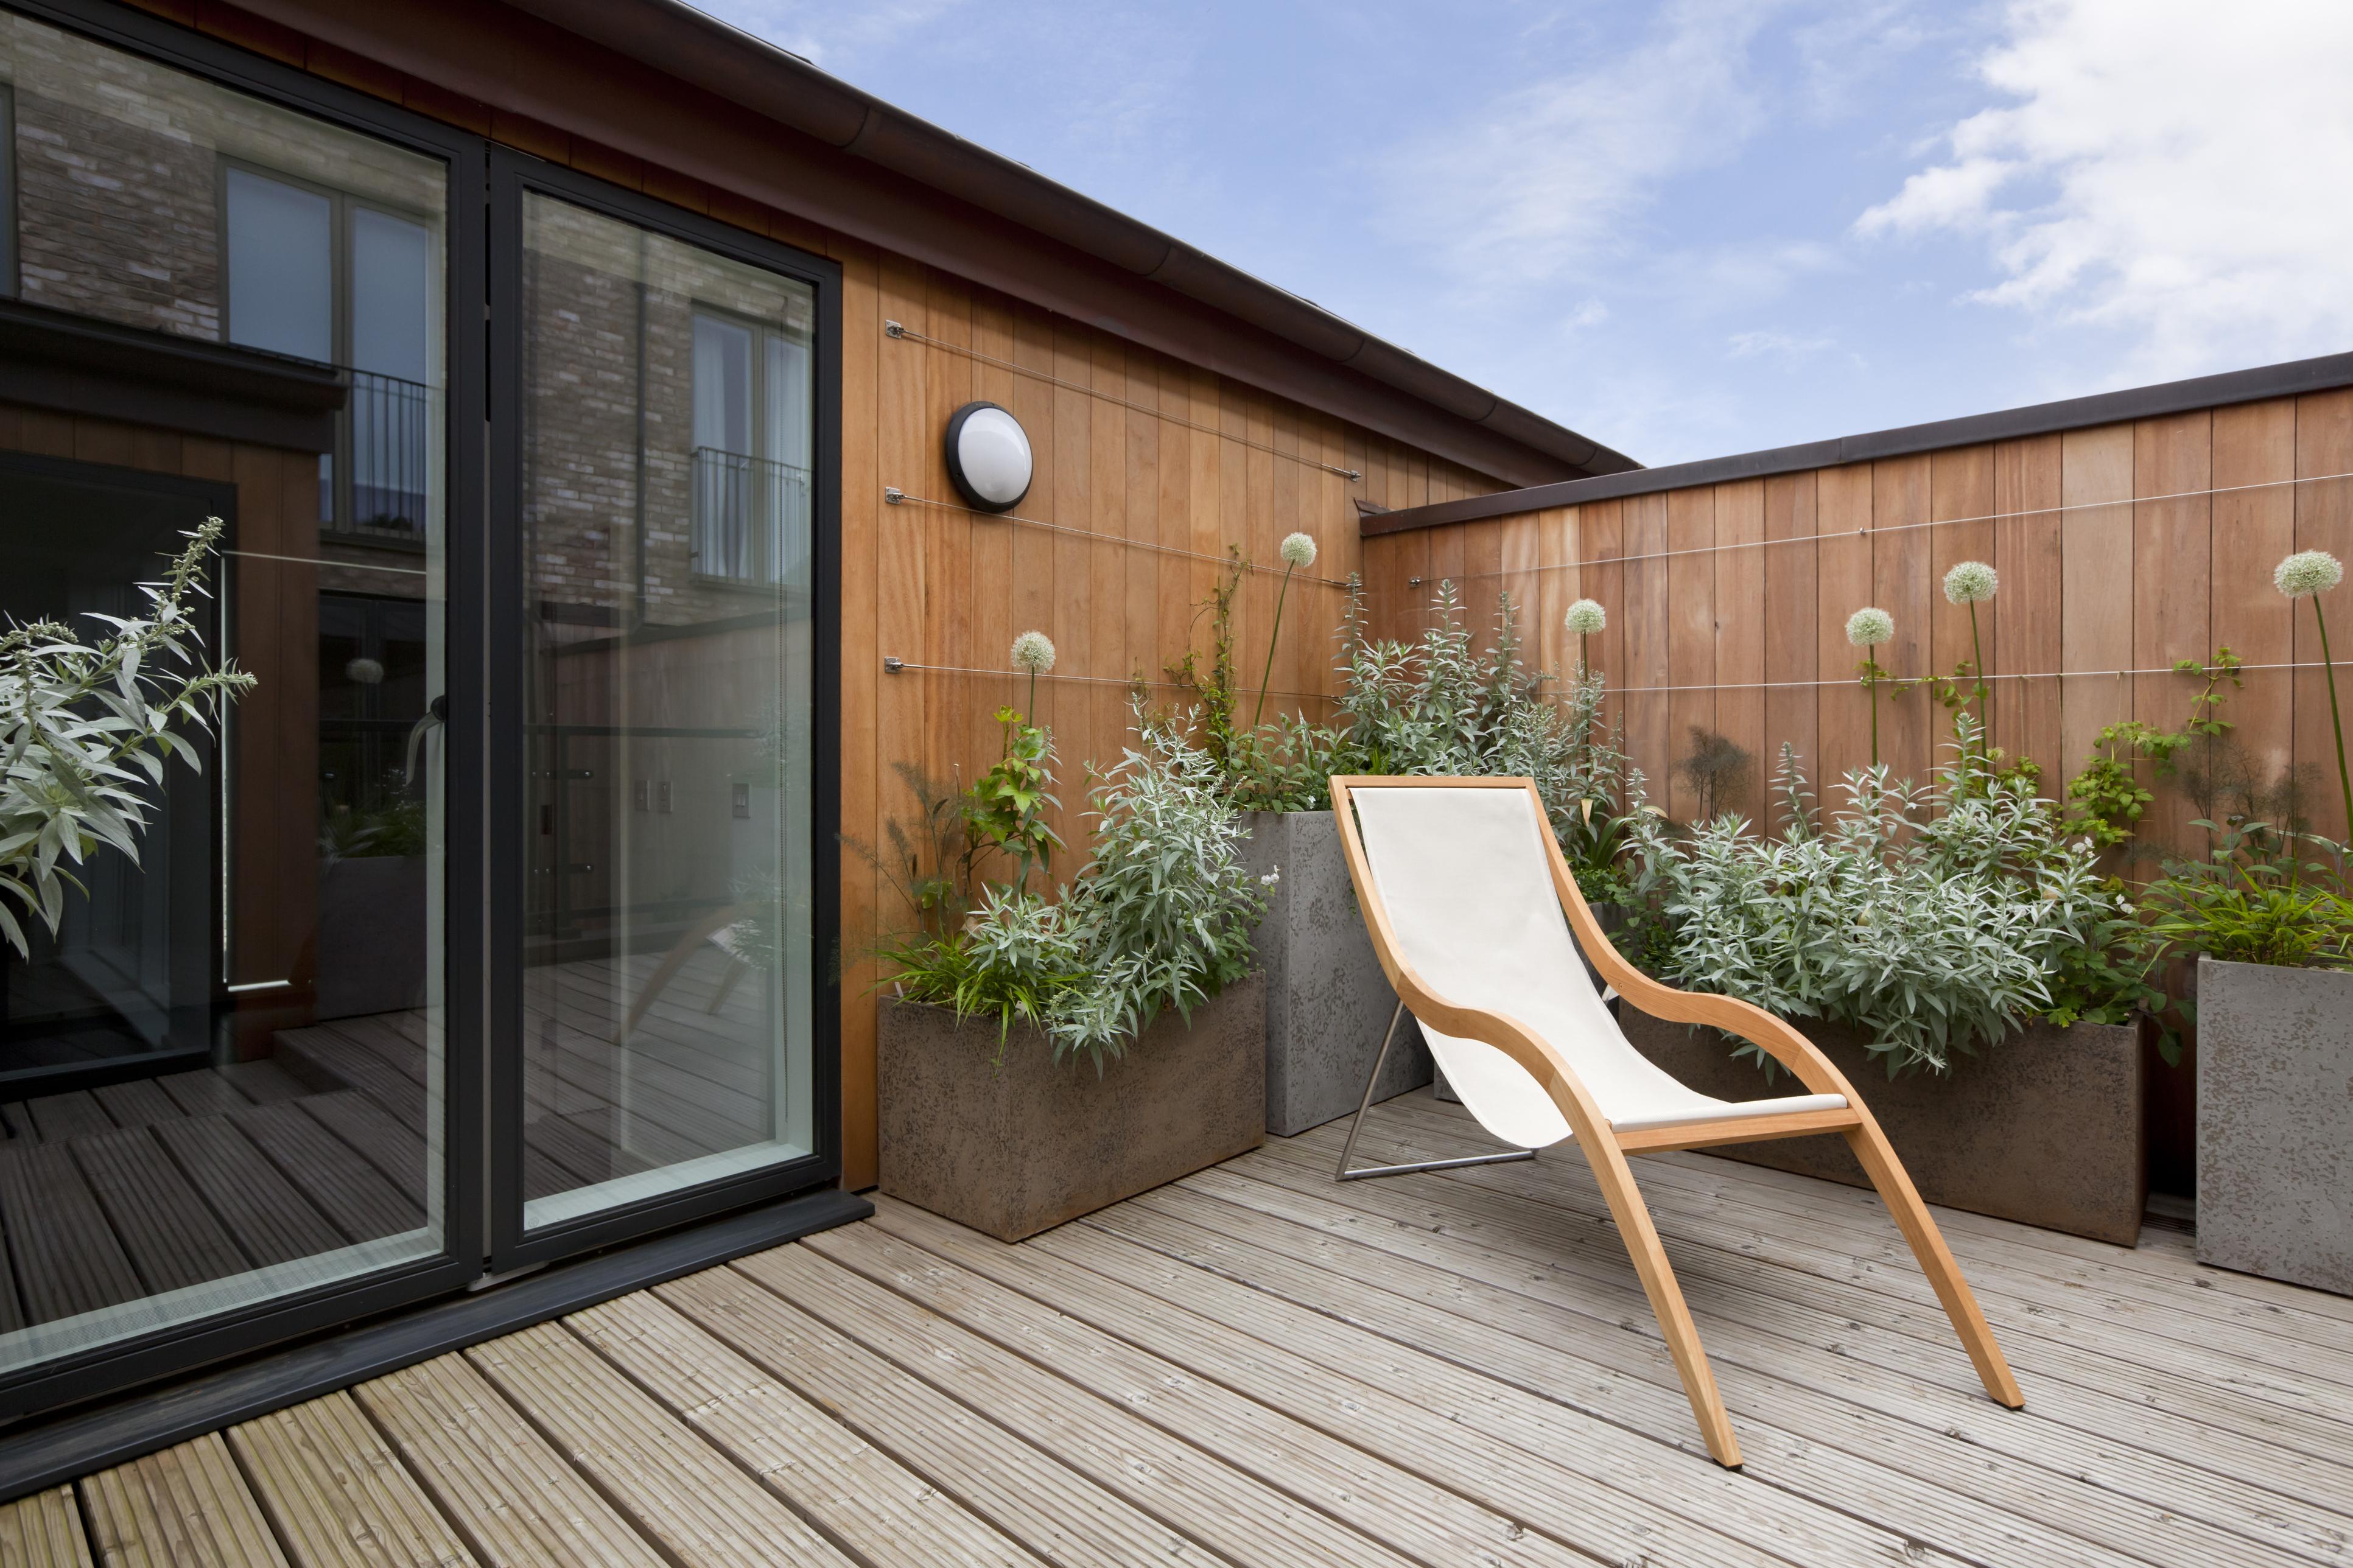 Wunderbar Dachterrasse Auf Flachdach Bauen Sammlung Von Dachterrasse-bauen-kosten.jpg